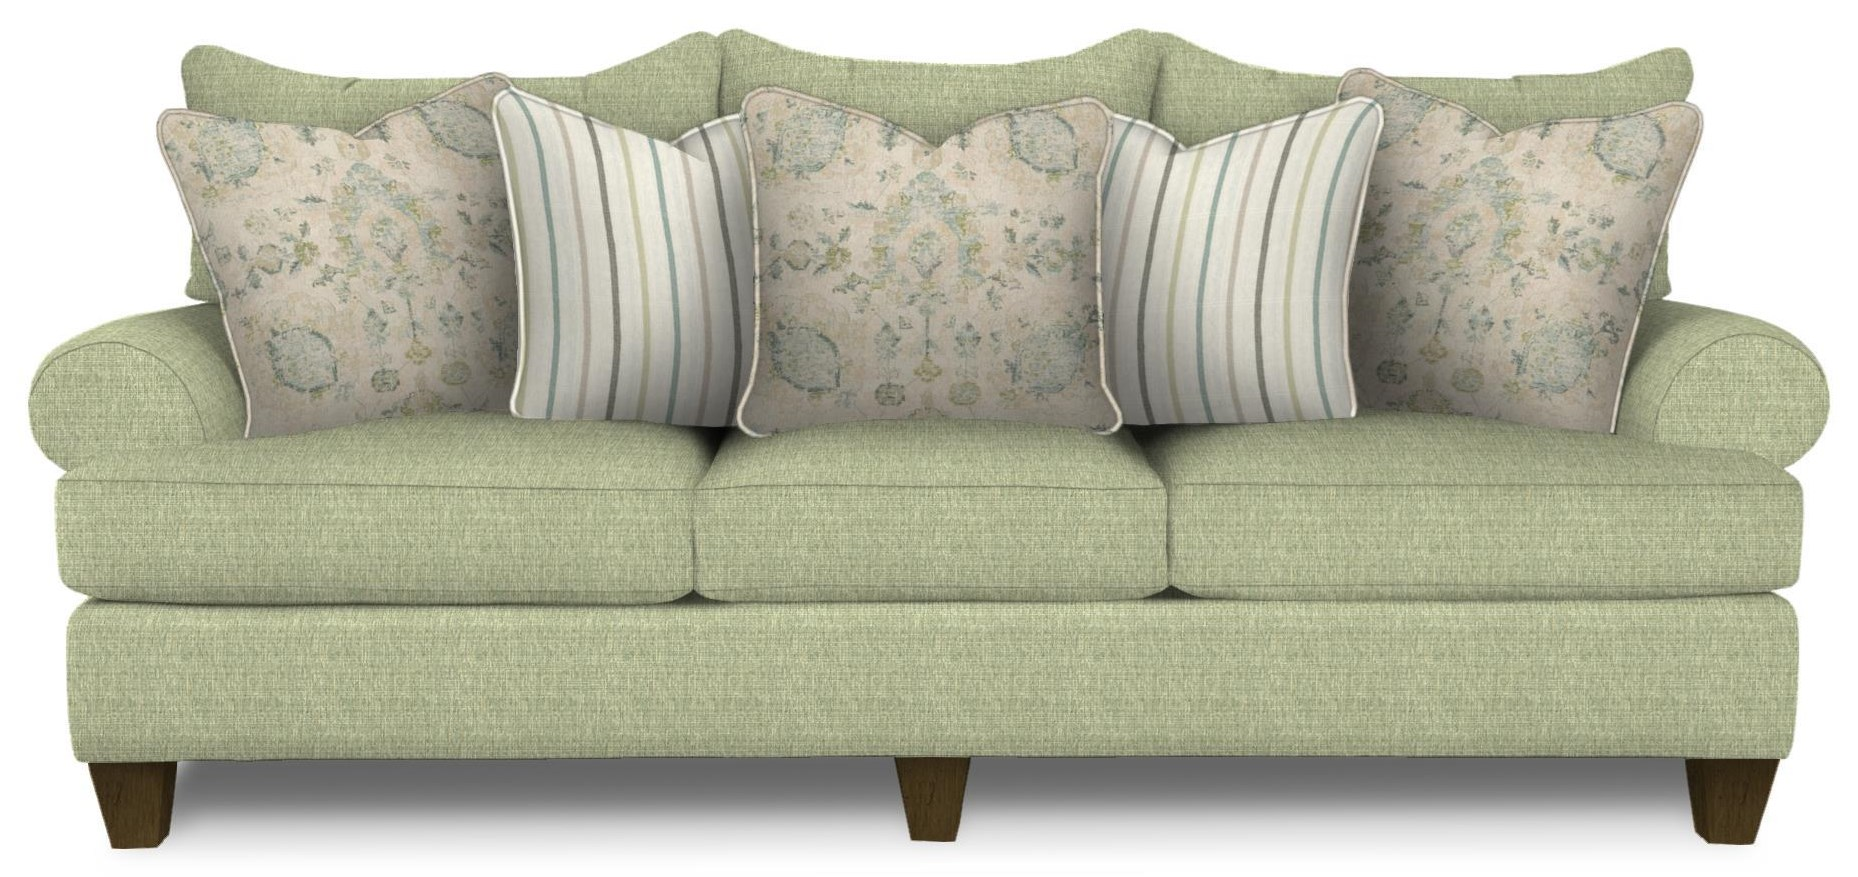 Paula Dean 100 Inch Sofa by Hickorycraft at Johnny Janosik